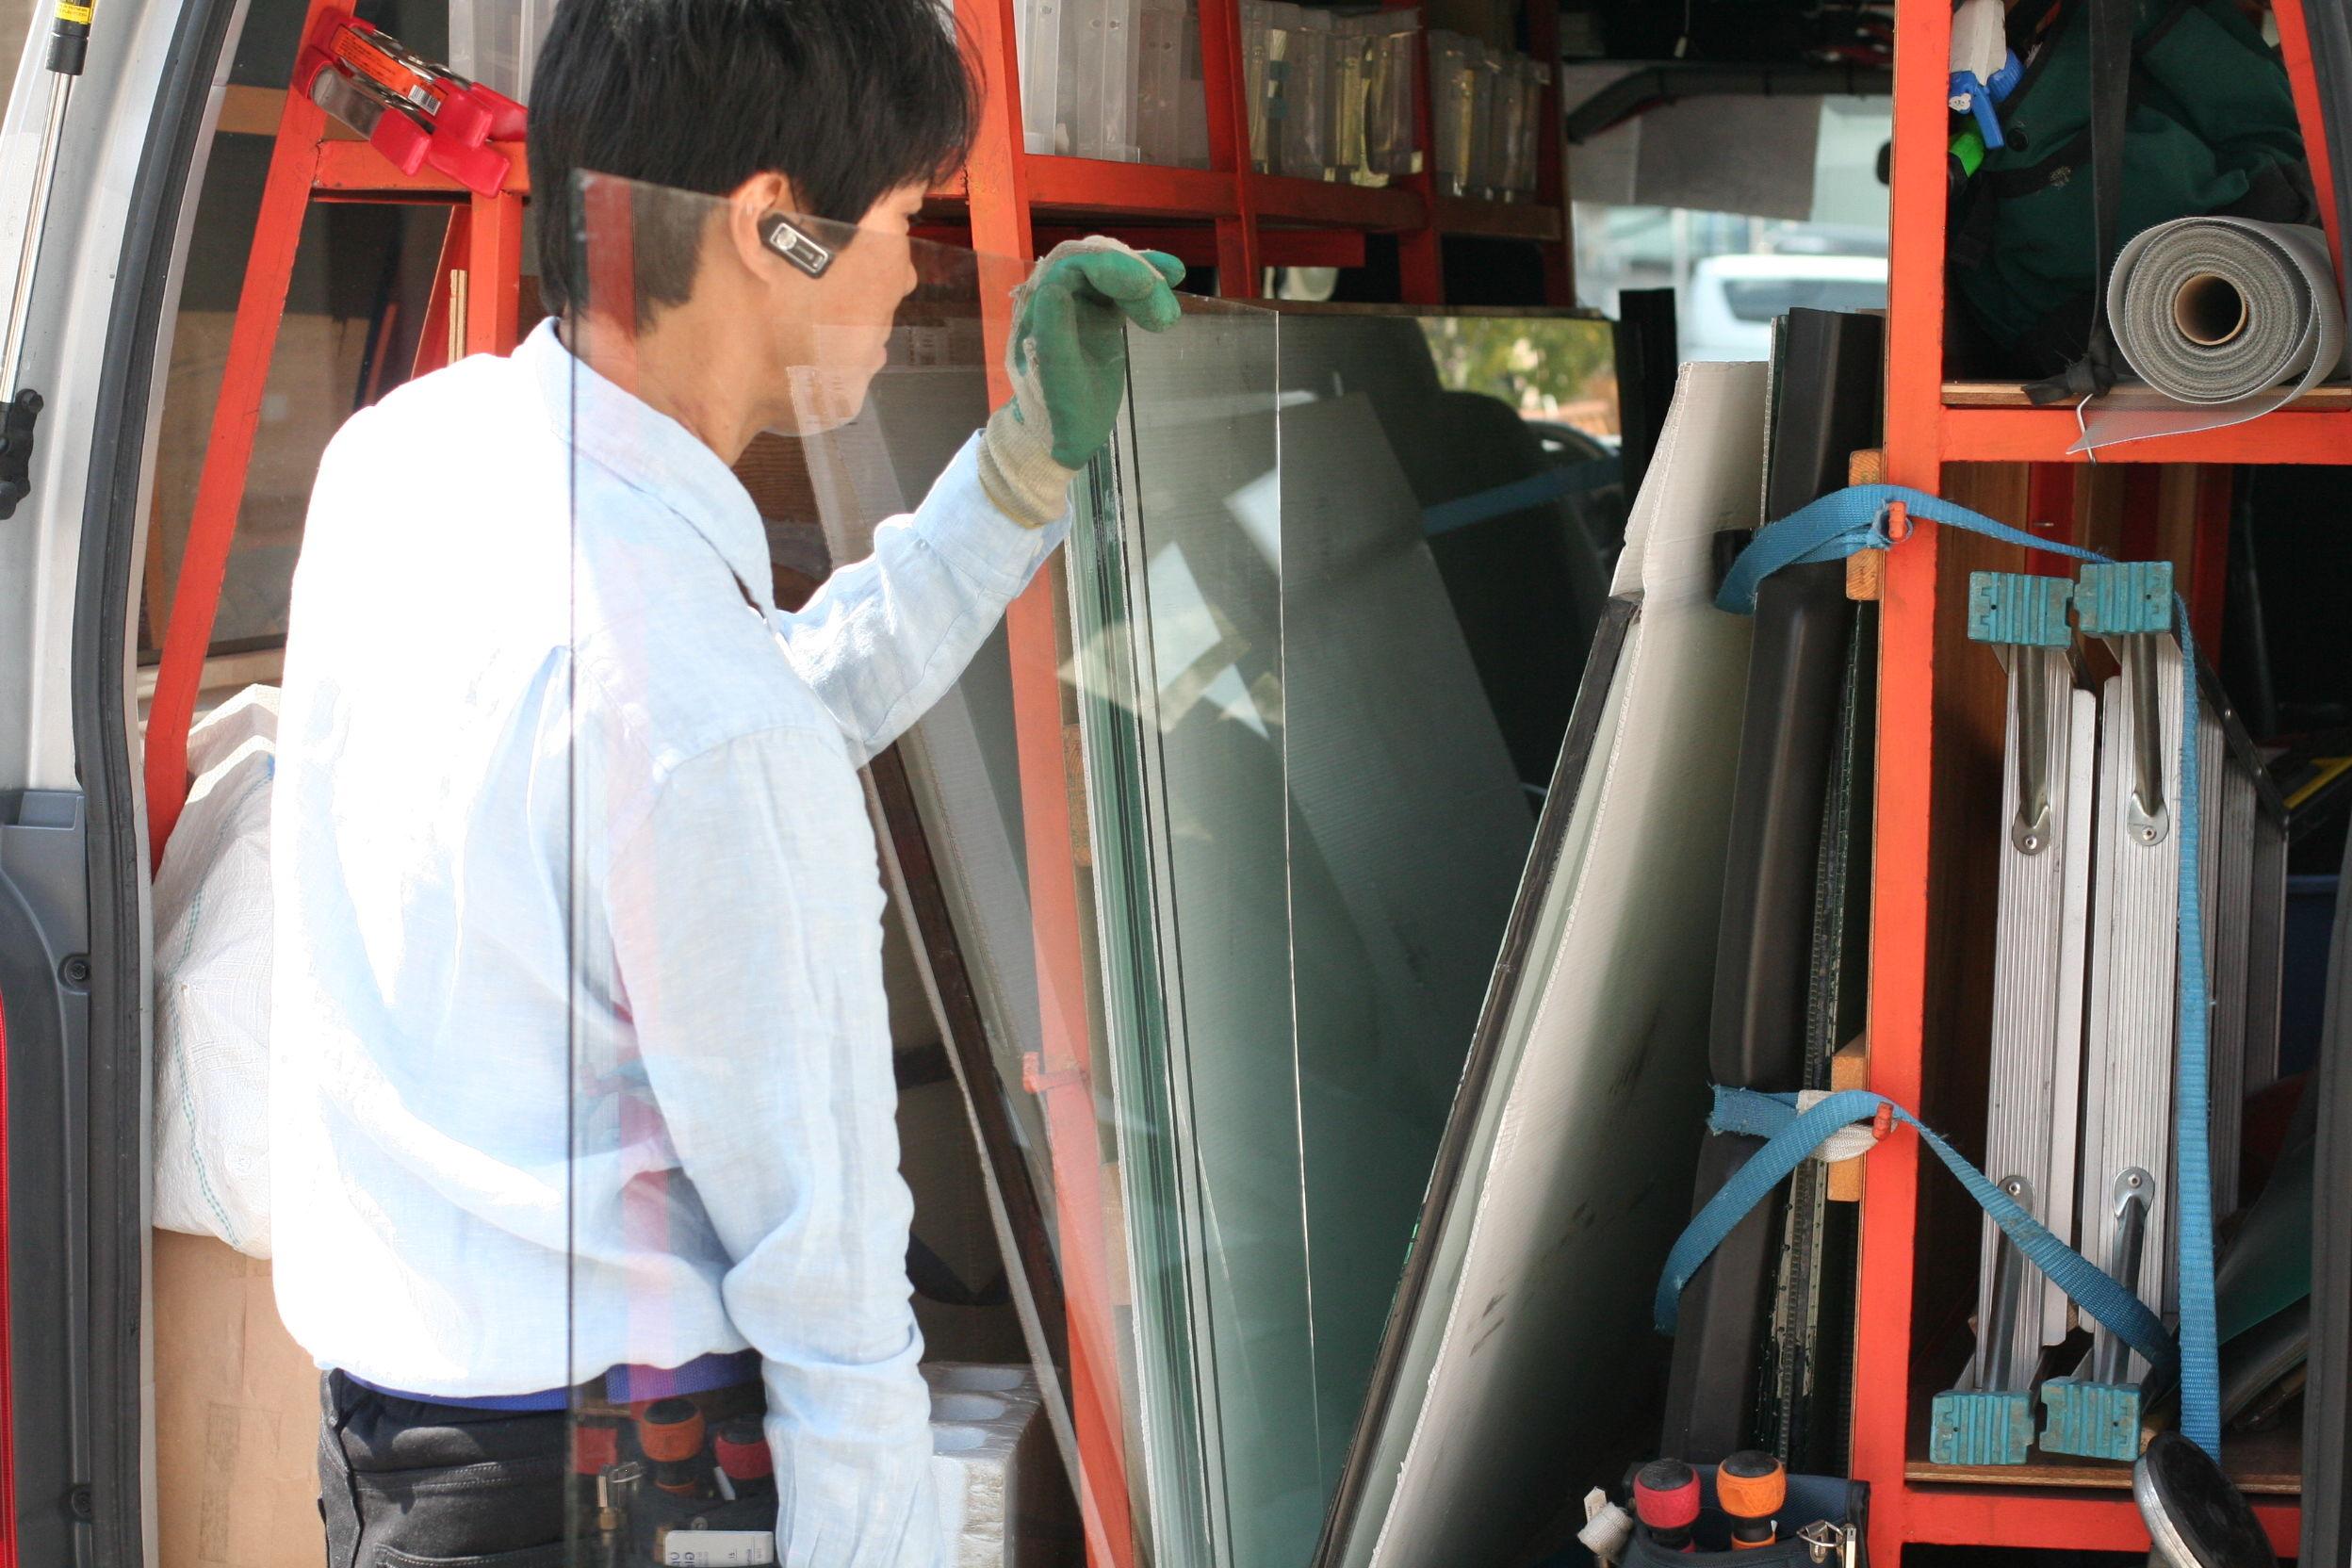 ガラスのトラブル救急車【比企郡鳩山町 出張エリア】の店内・外観画像3